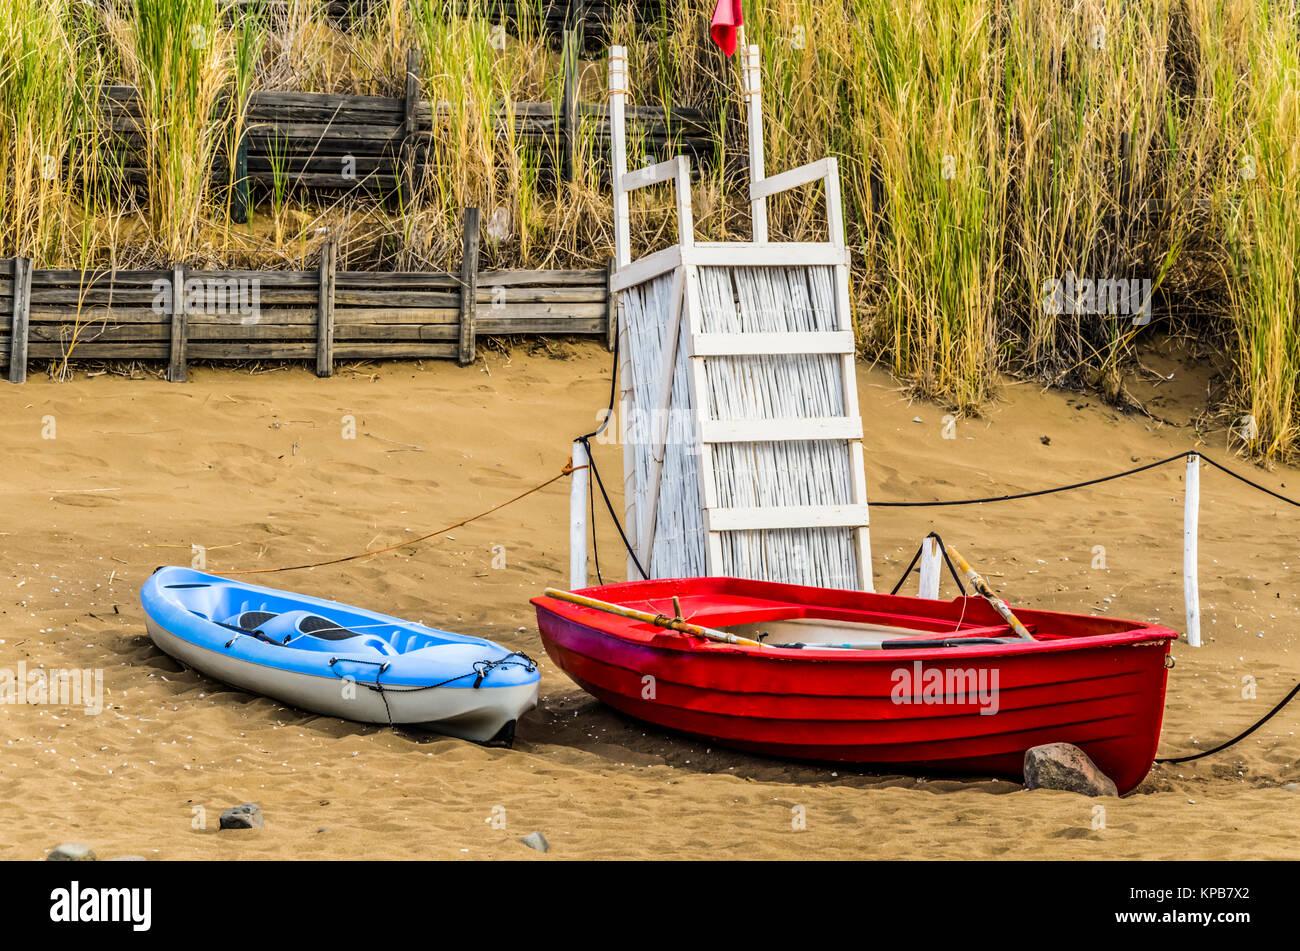 Plage de l'île de Panarea 2 bateaux à côté d'une chaise de sauveteur clôture en bois et la végétation Banque D'Images